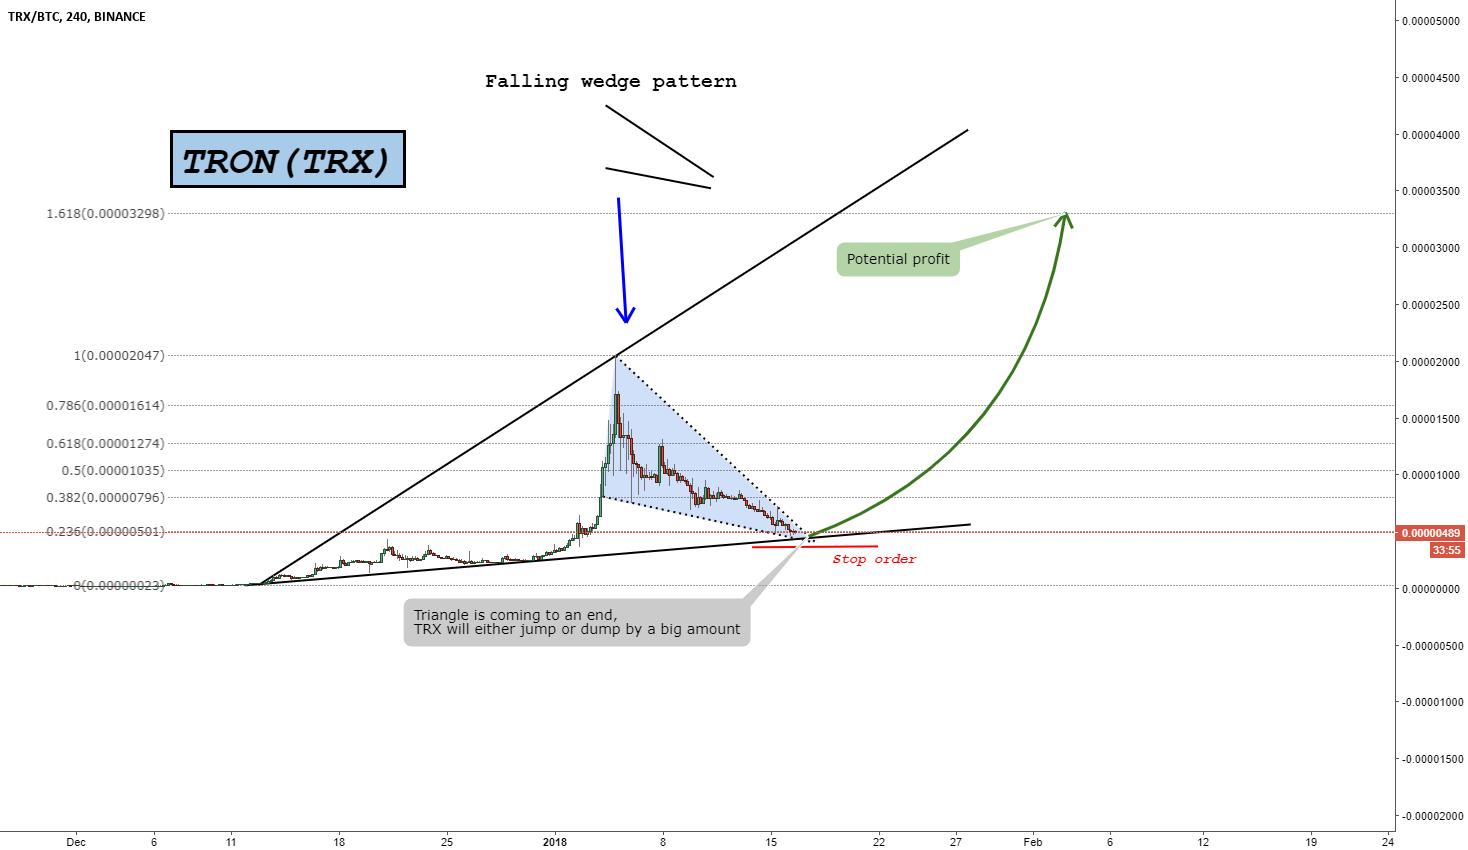 TRON(TRX) - Win Big or Go Home (400%+ Profit Potential)